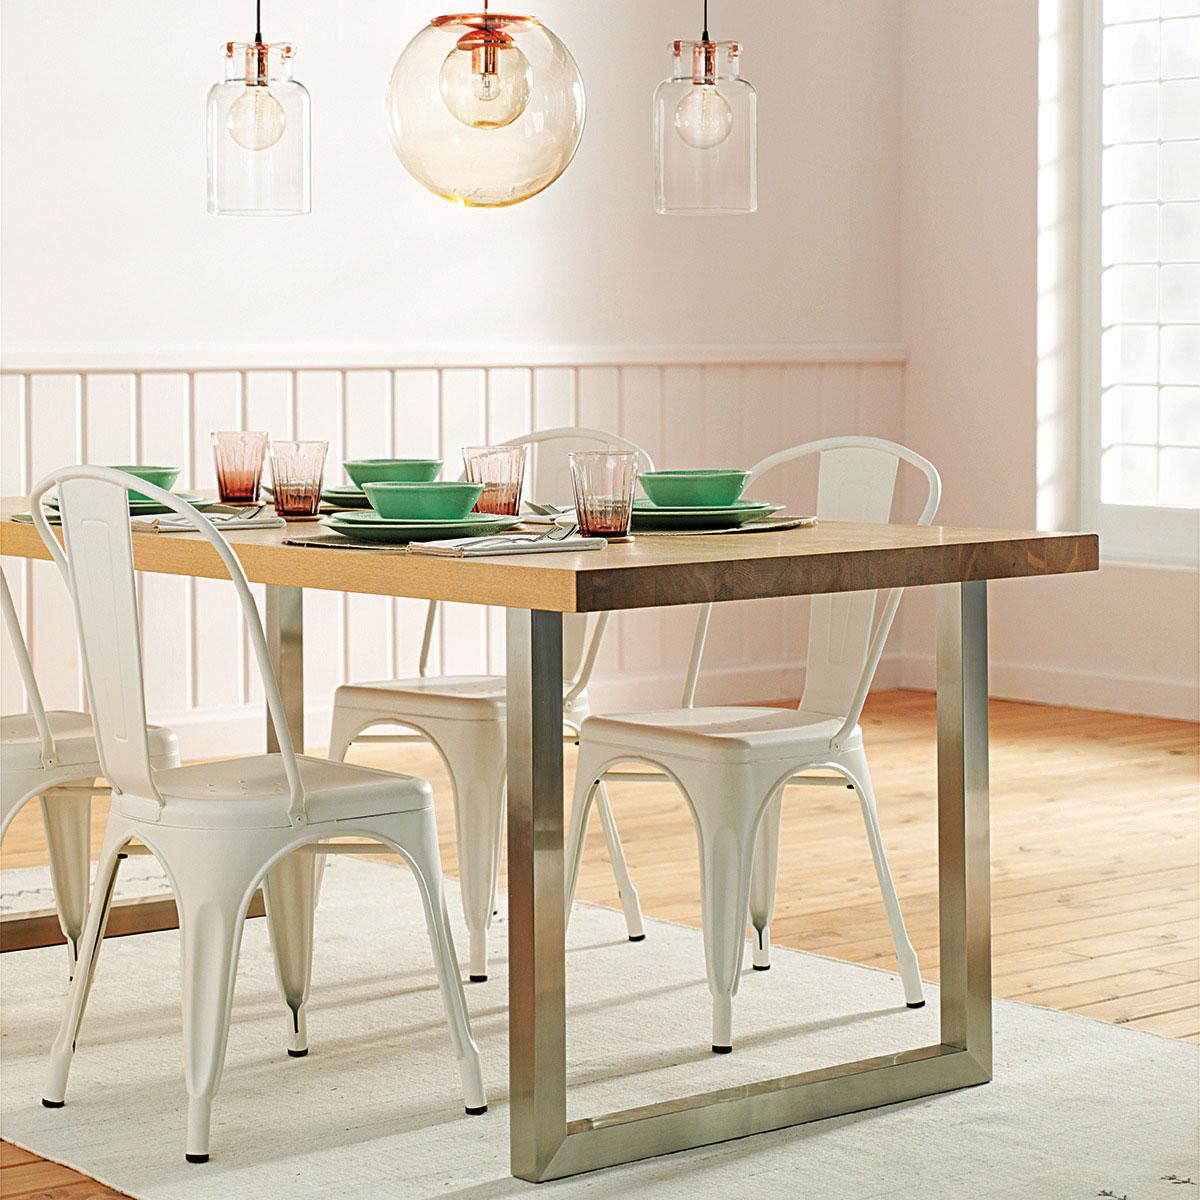 Sillas de comedor c mo elegirlas y galer a de fotos - Conforama mesas y sillas ...